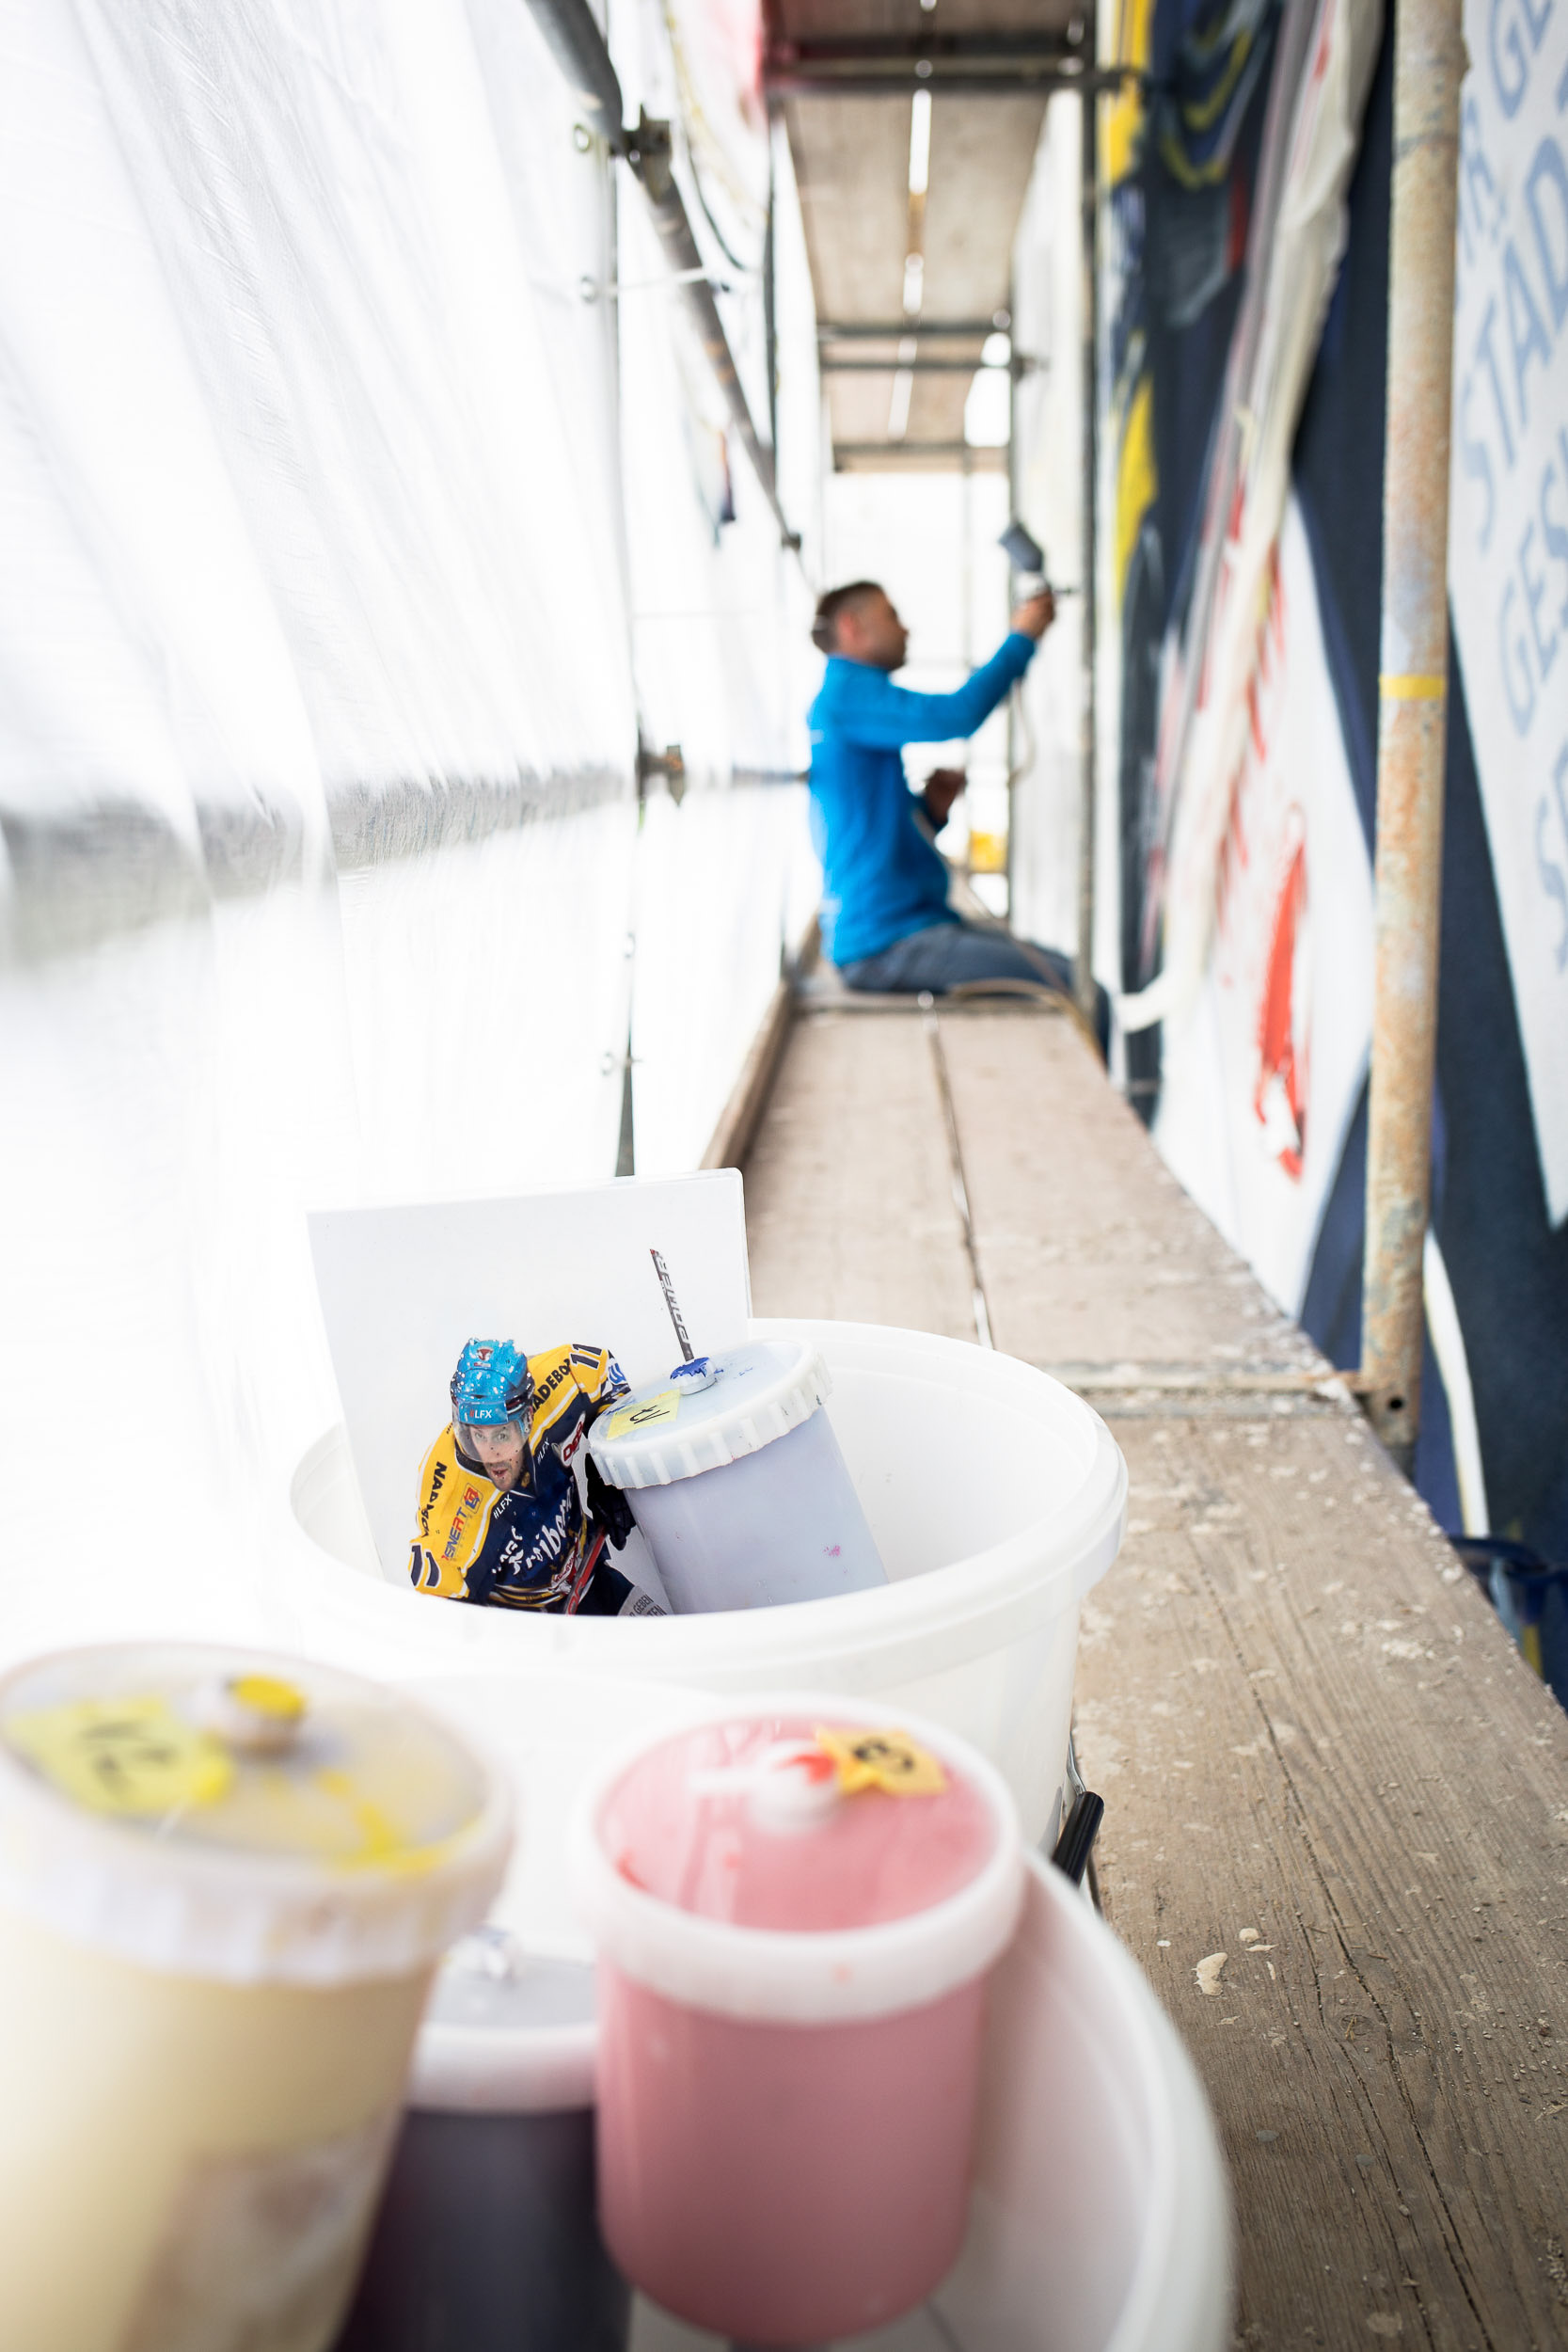 Fassadengestaltung-kein-graffiti-weisswasser-keine-spraydosen.jpg